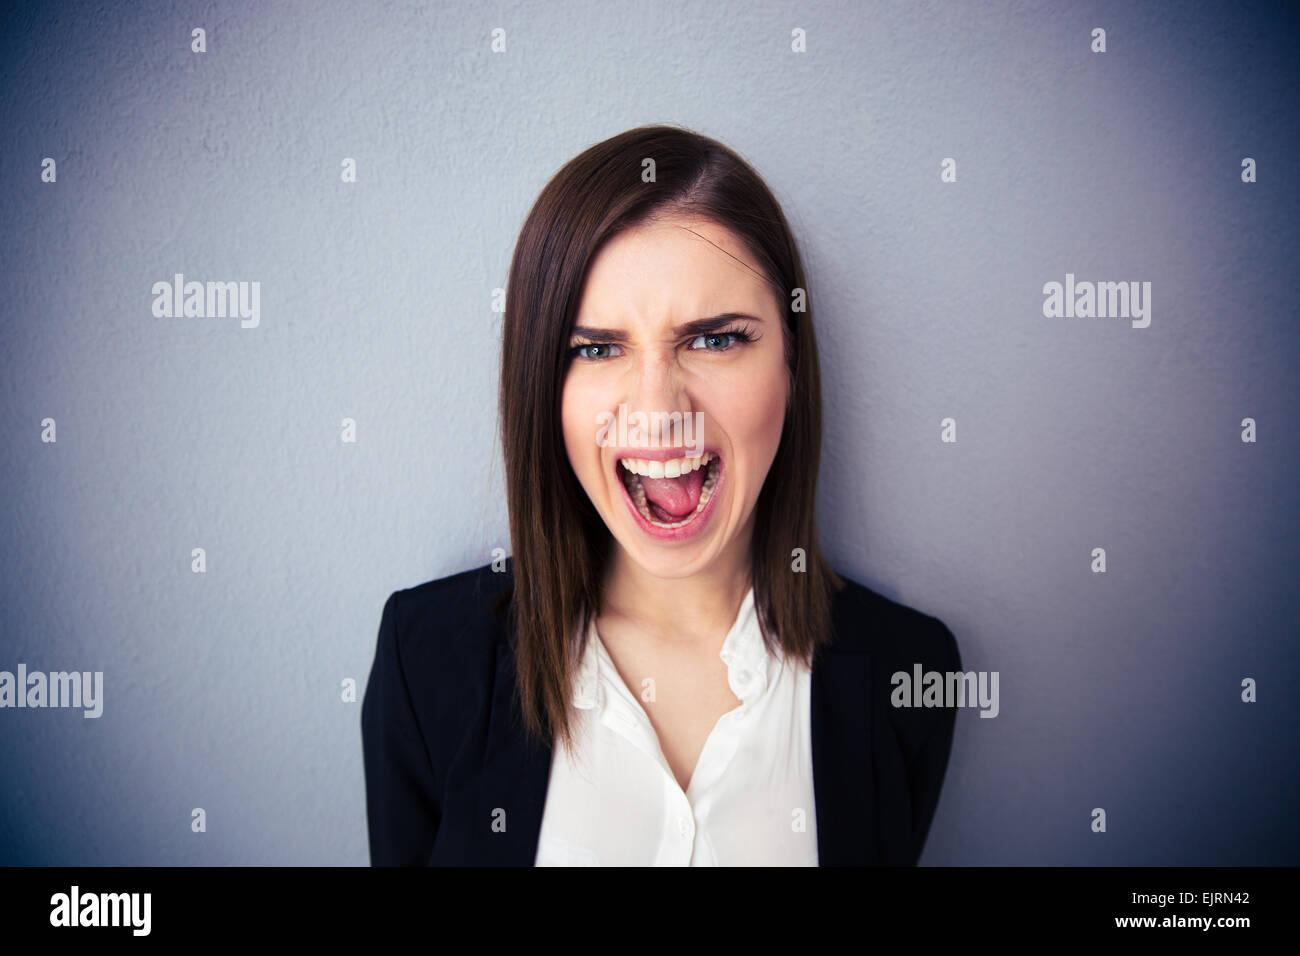 La empresaria enojados gritando sobre fondo gris. Mirando a la cámara Imagen De Stock